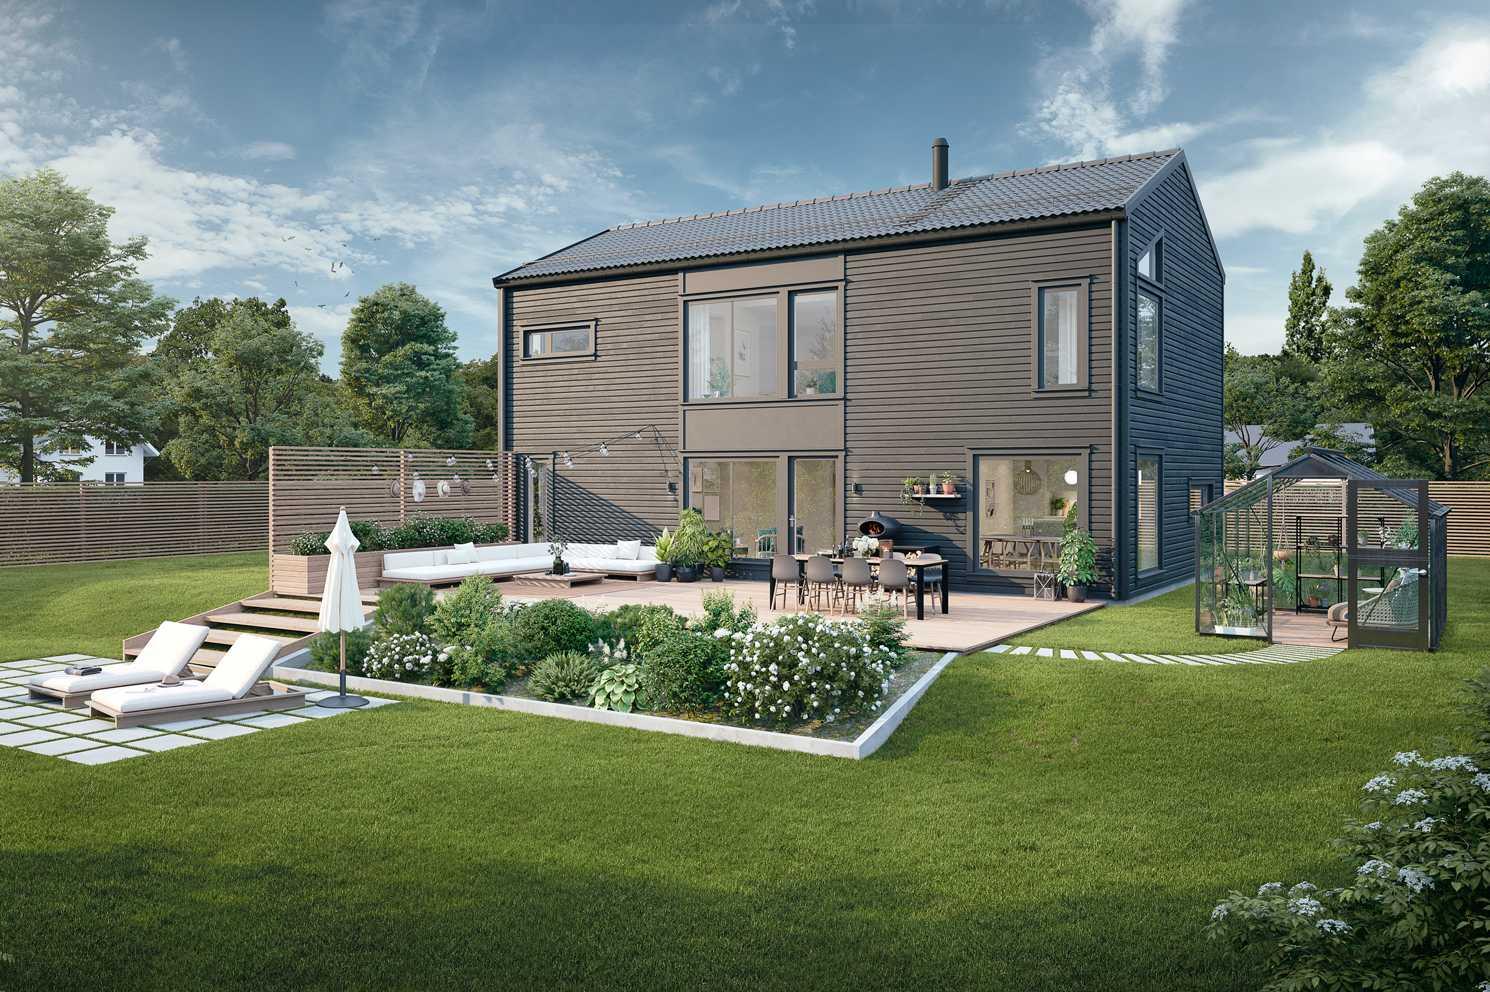 Slik bygger du ditt drømmehjem for en rimelig pris - Nelly et rimelig hus